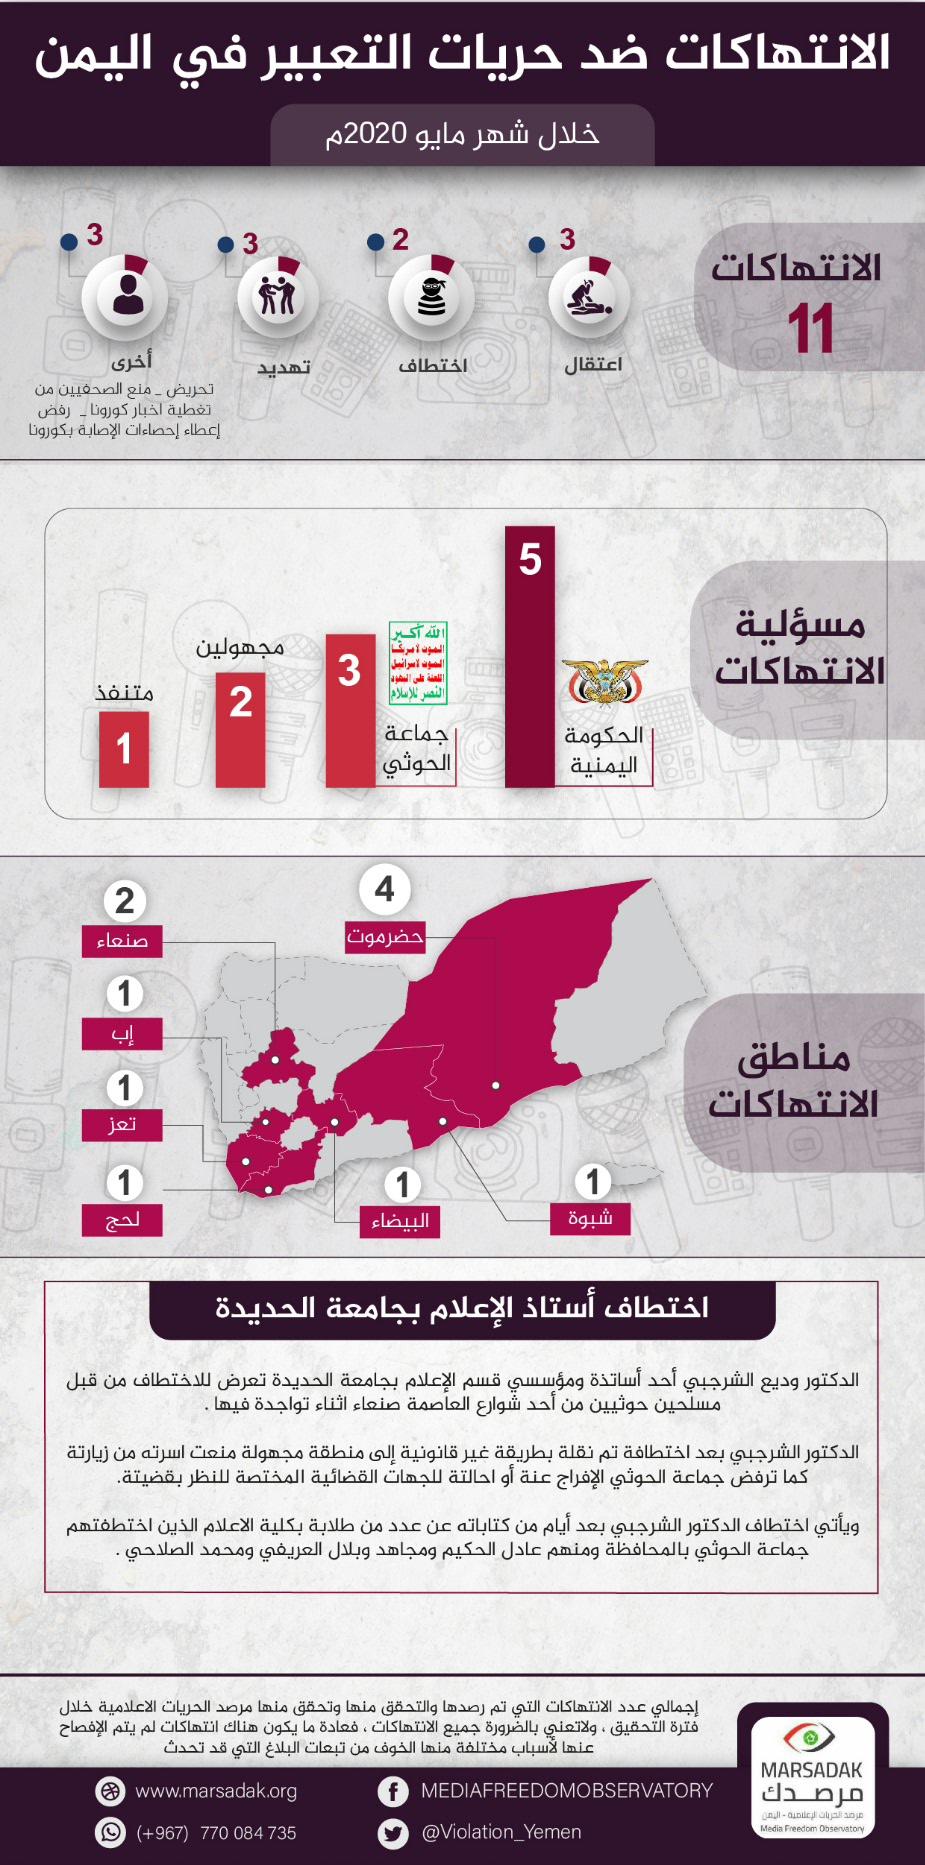 تقرير لمرصد الحريات الإعلامية: 11 حالات انتهاك ضد حريات التعبير خلال شهر مايو 2020